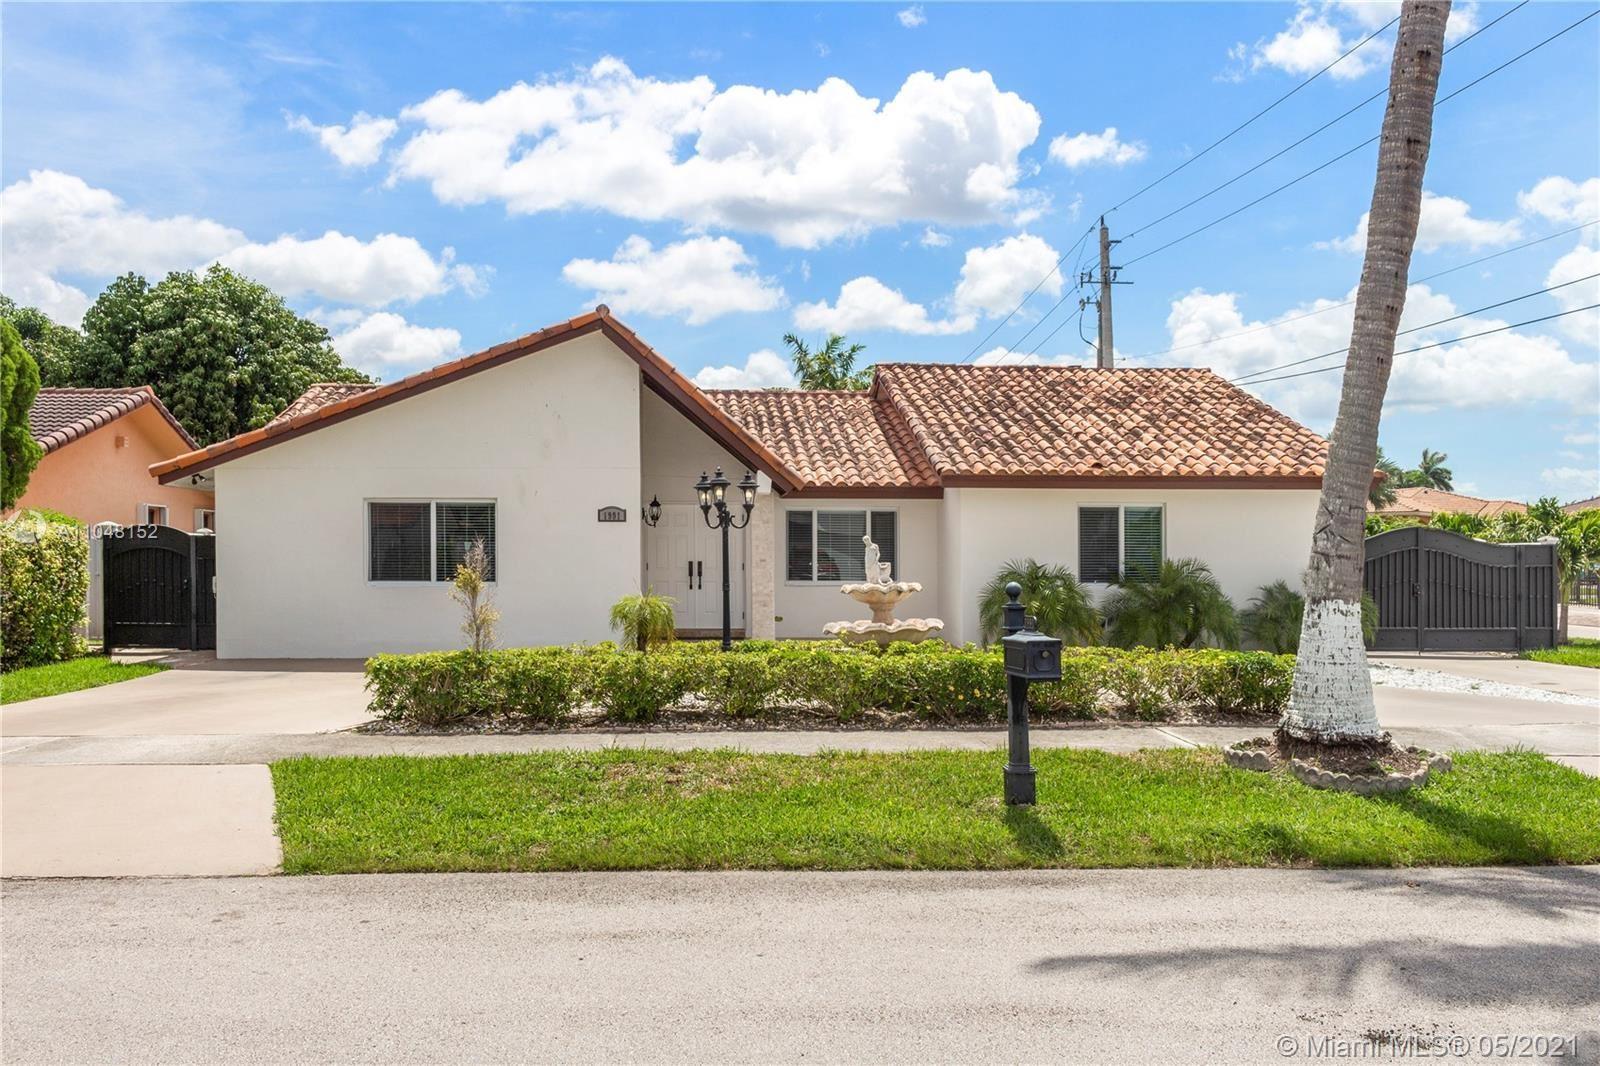 1991 SW 141st Ave, Miami, FL 33175 - #: A11048152